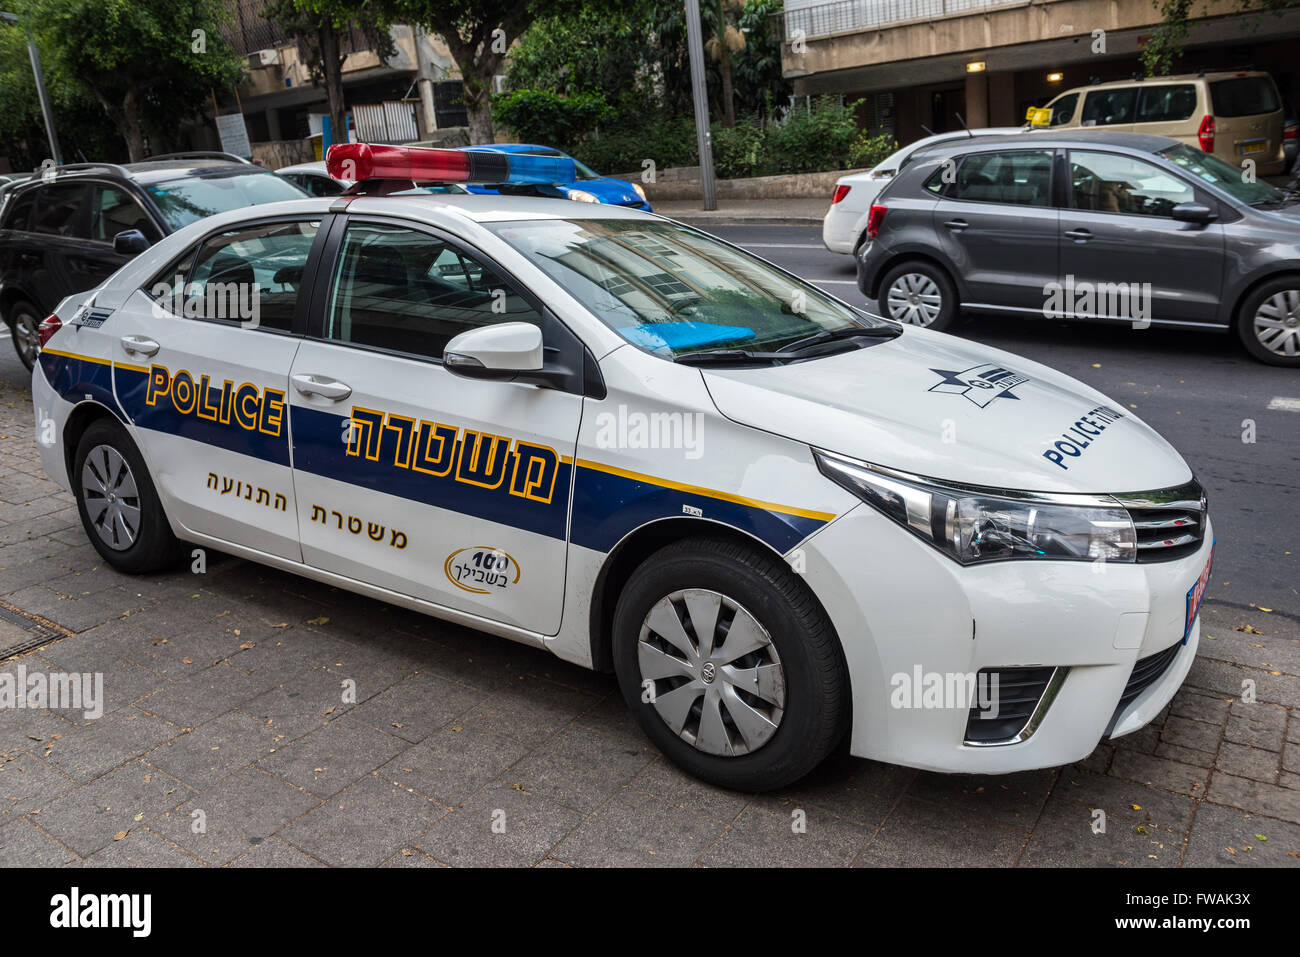 מגניב Kia police car in Tel Aviv city, Israel Stock Photo: 101652766 - Alamy DH-99